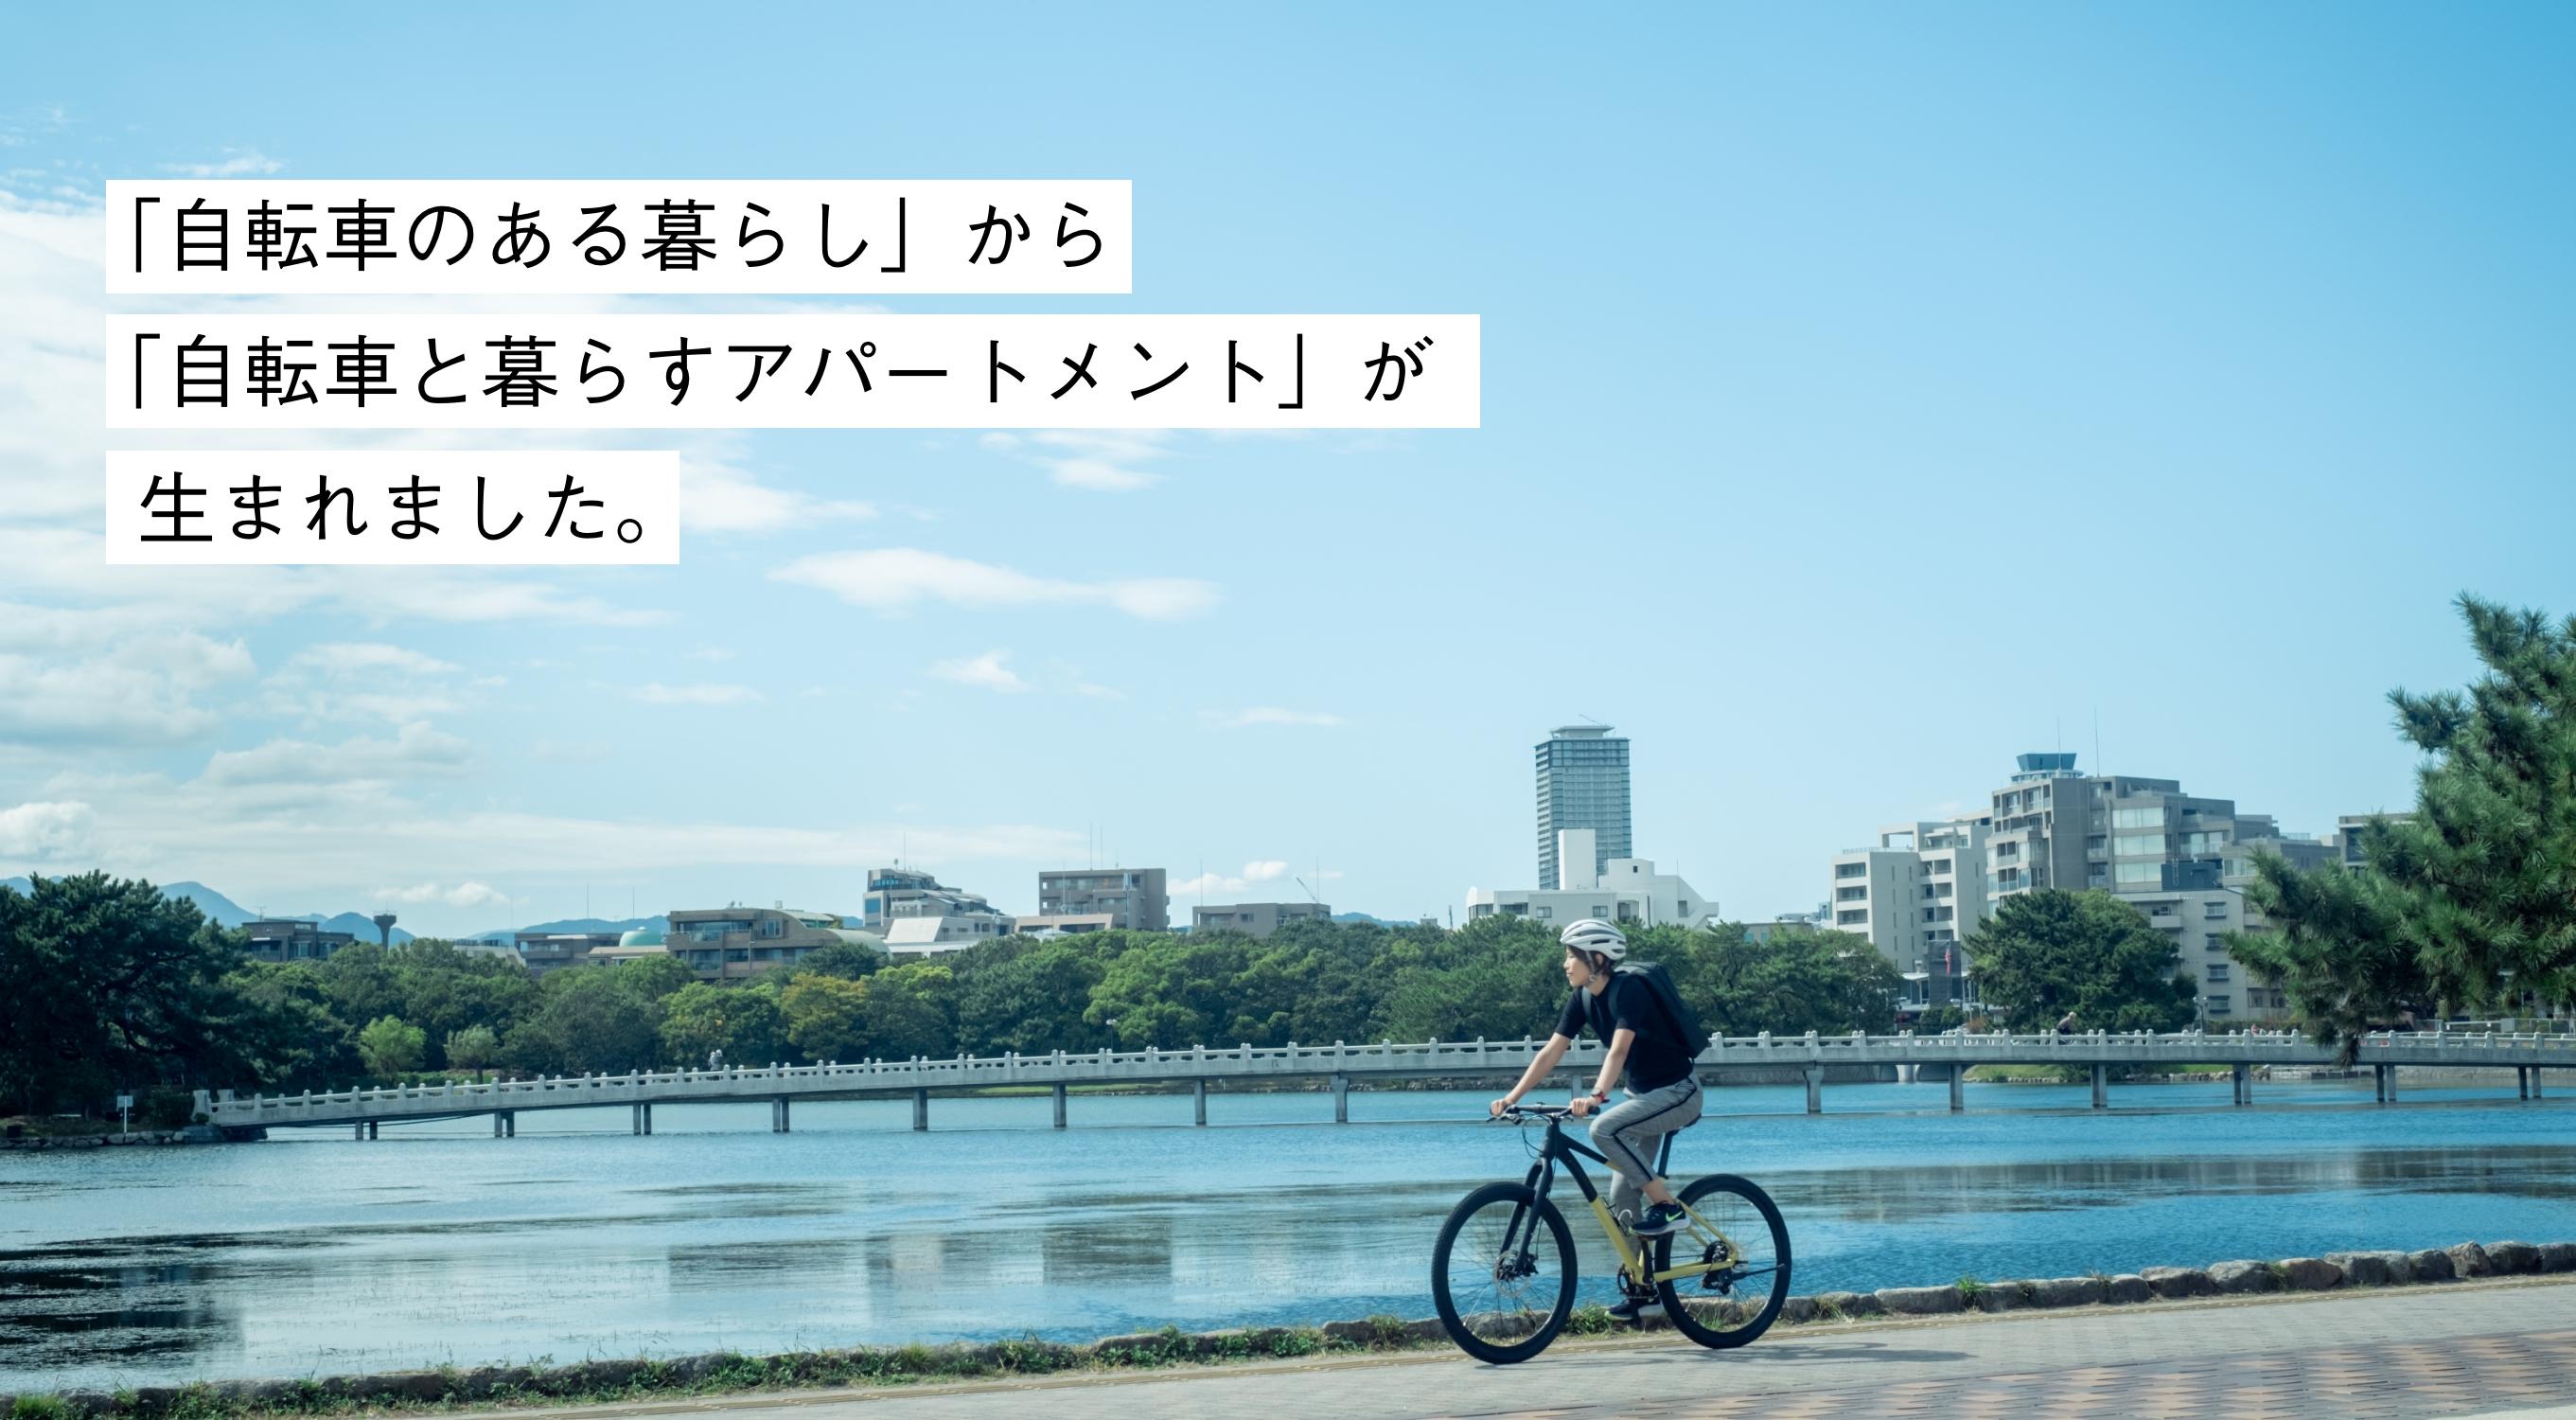 「自転車のある暮らし」から「自転車と暮らすアパートメント」が生まれます。